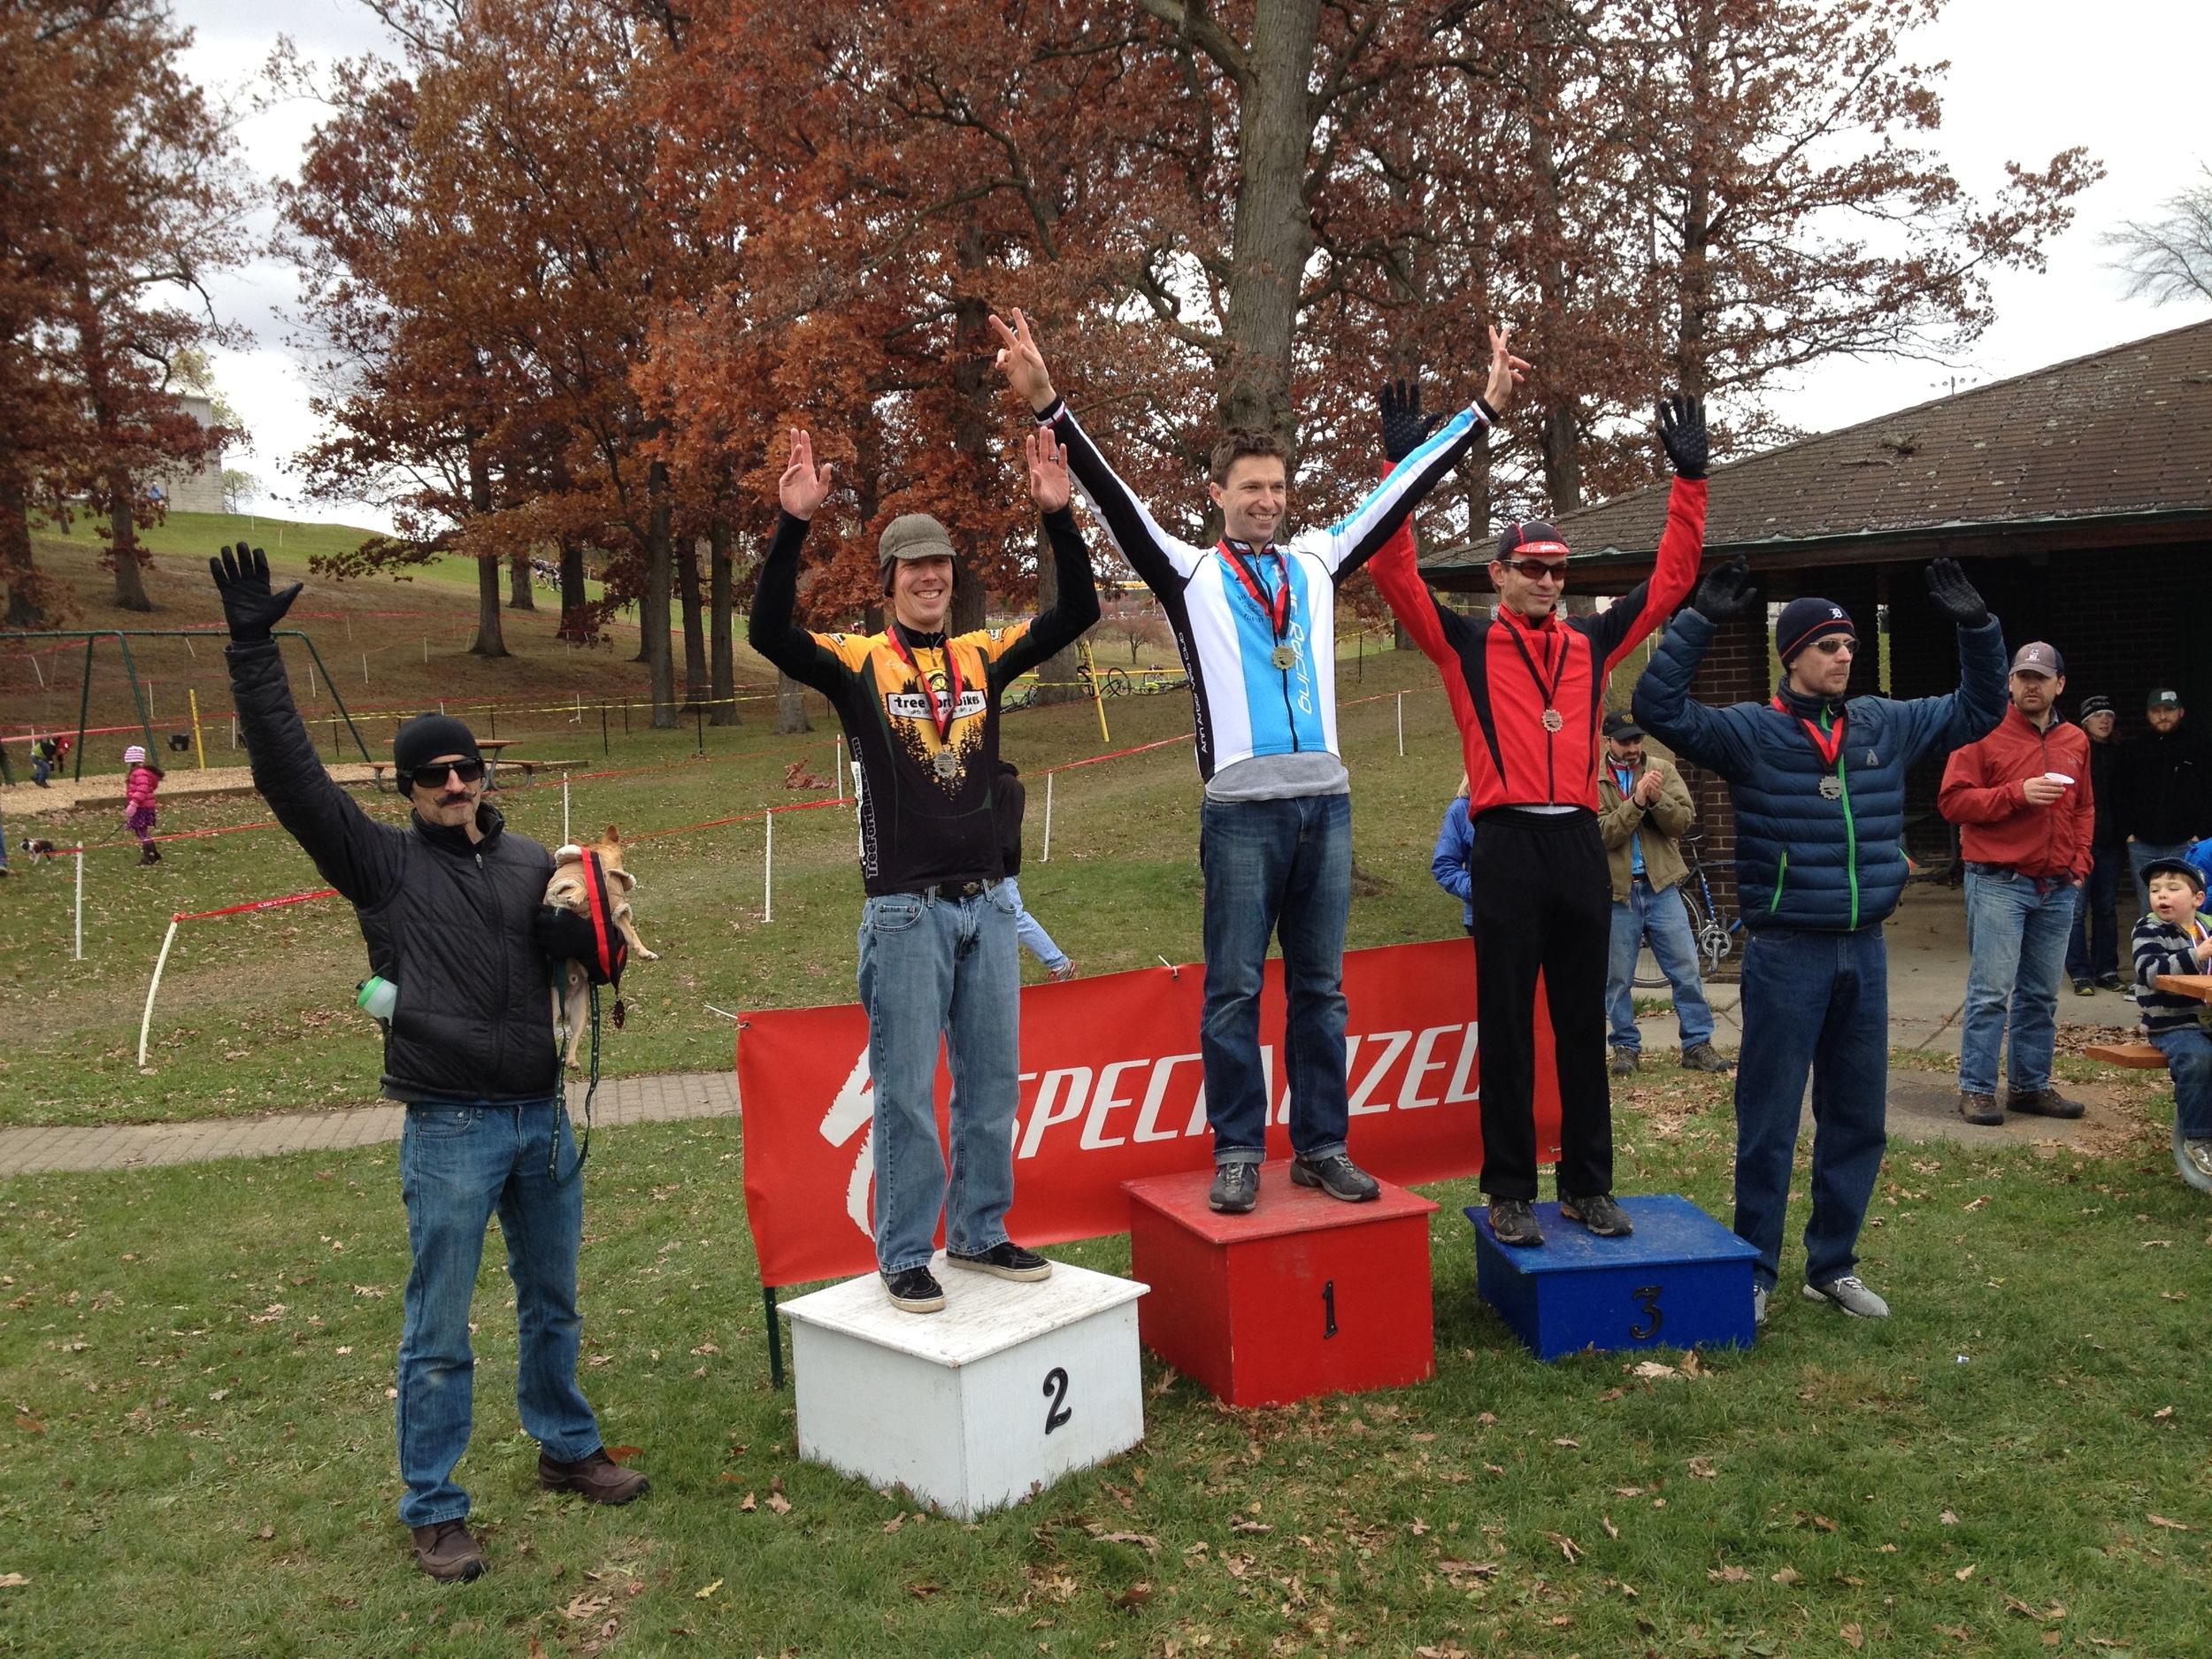 2013-11-10 12.49.02 Tom Barrett podium Vets Park (Develo).jpg